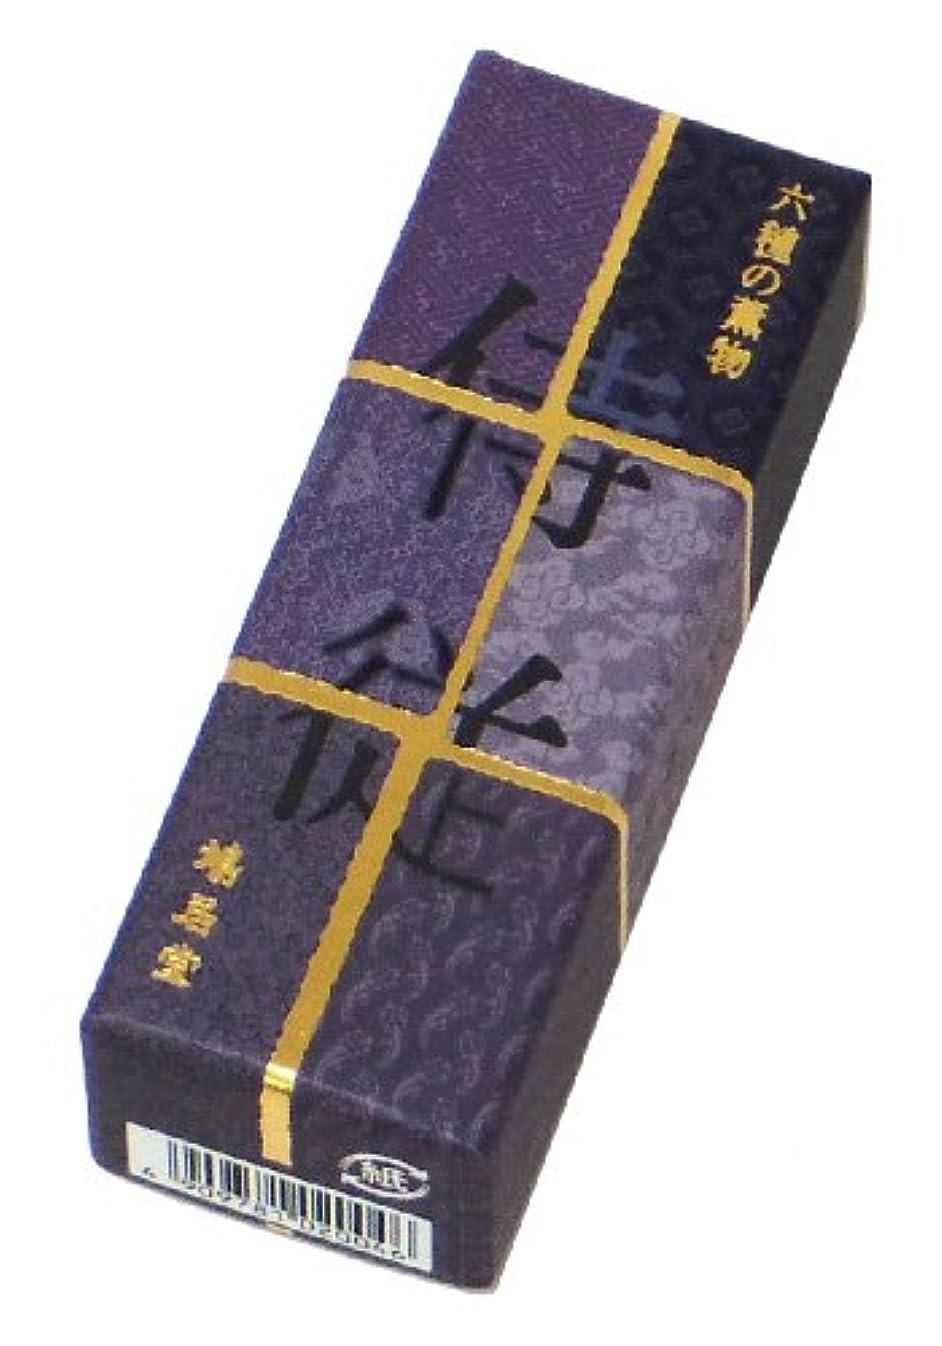 鳩居堂のお香 六種の薫物 侍従 20本入 6cm